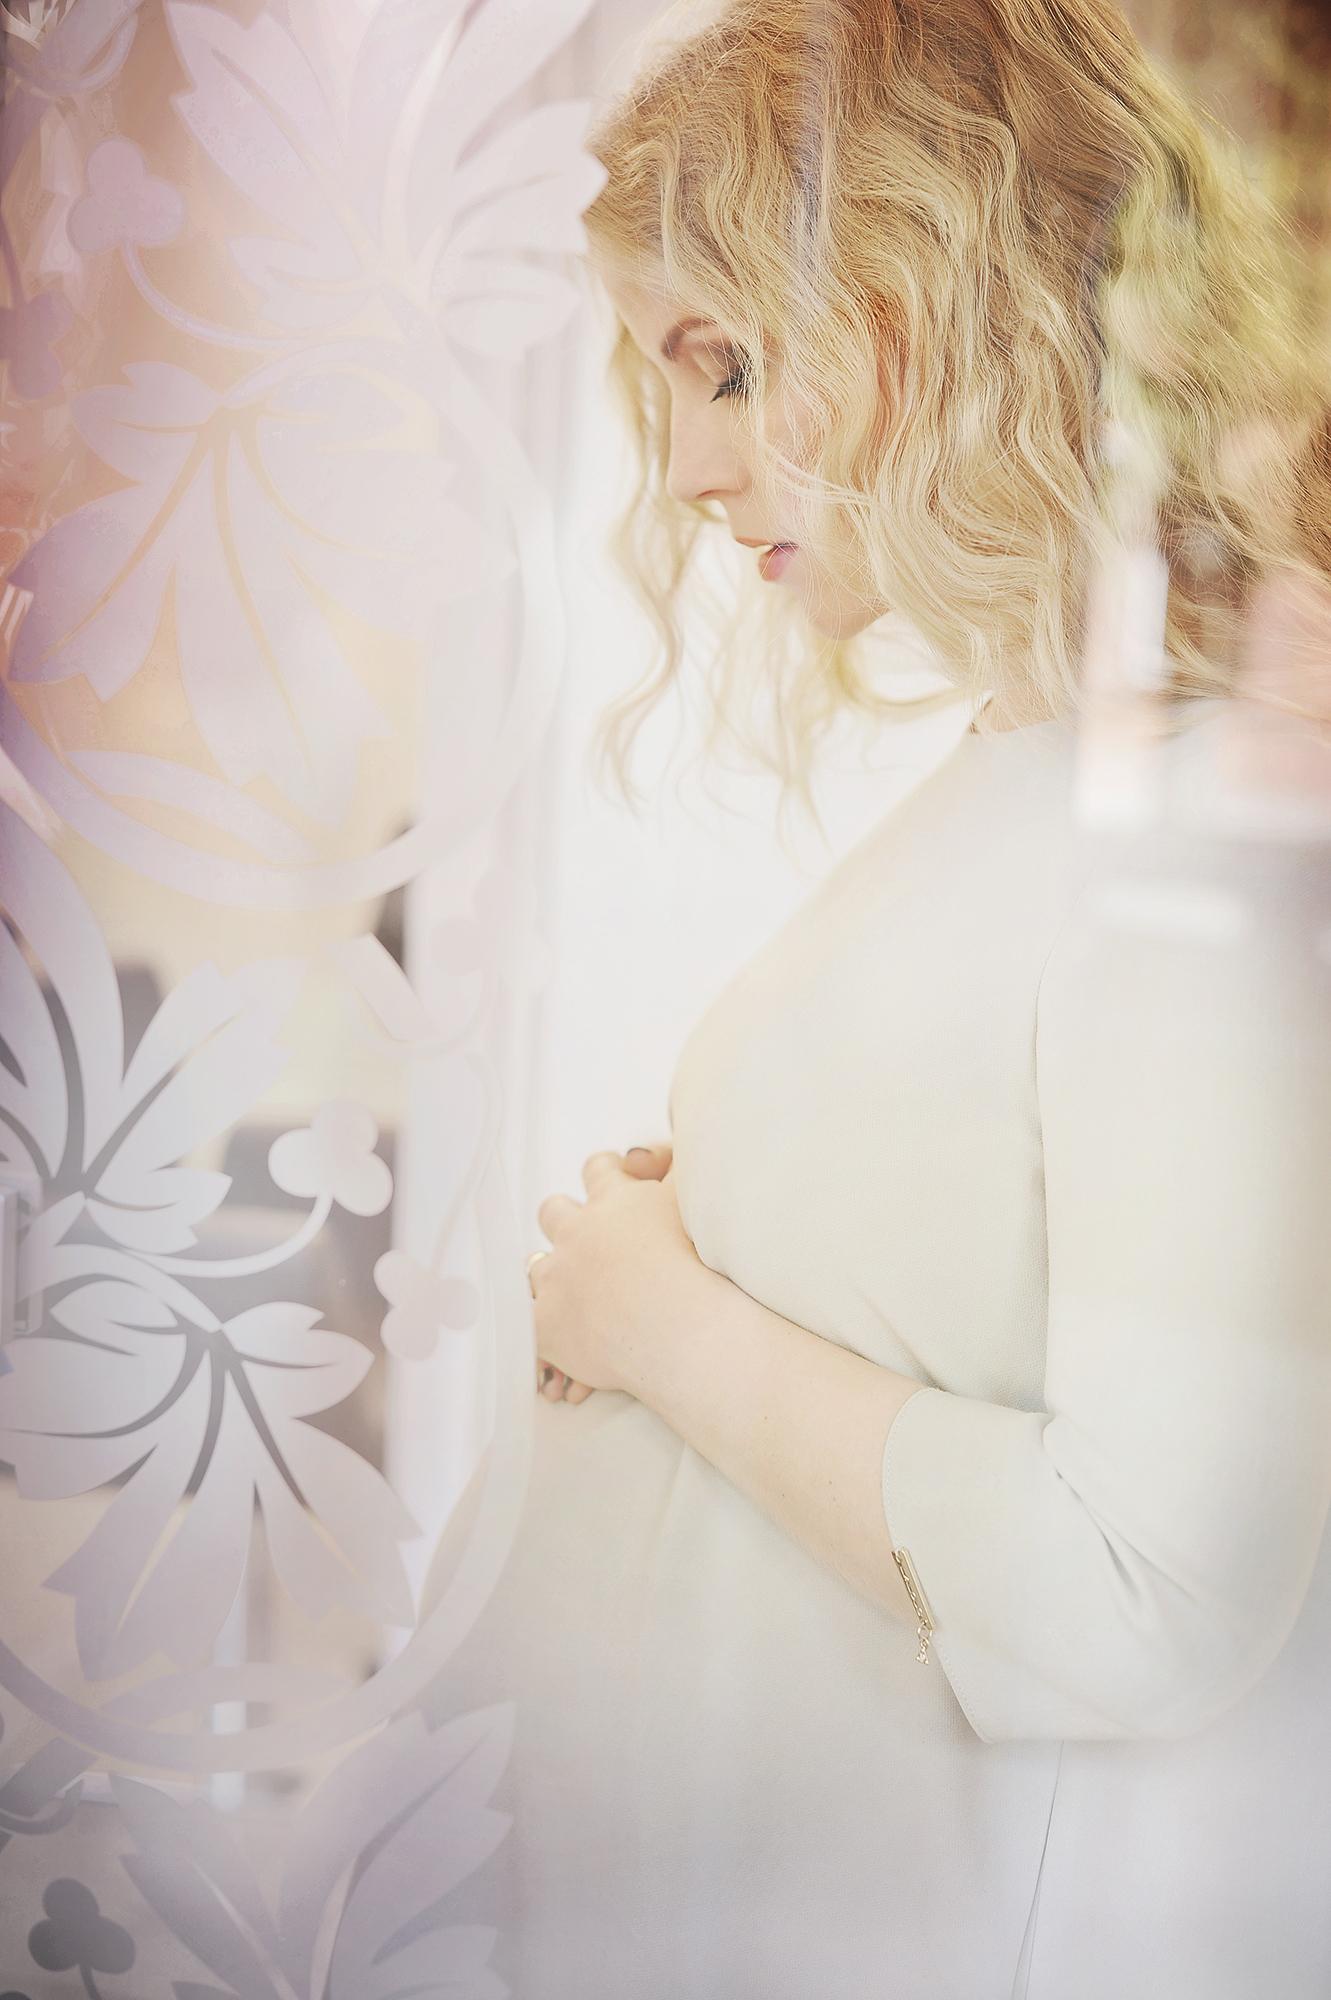 besilaukiancios fotosesija pregnancy